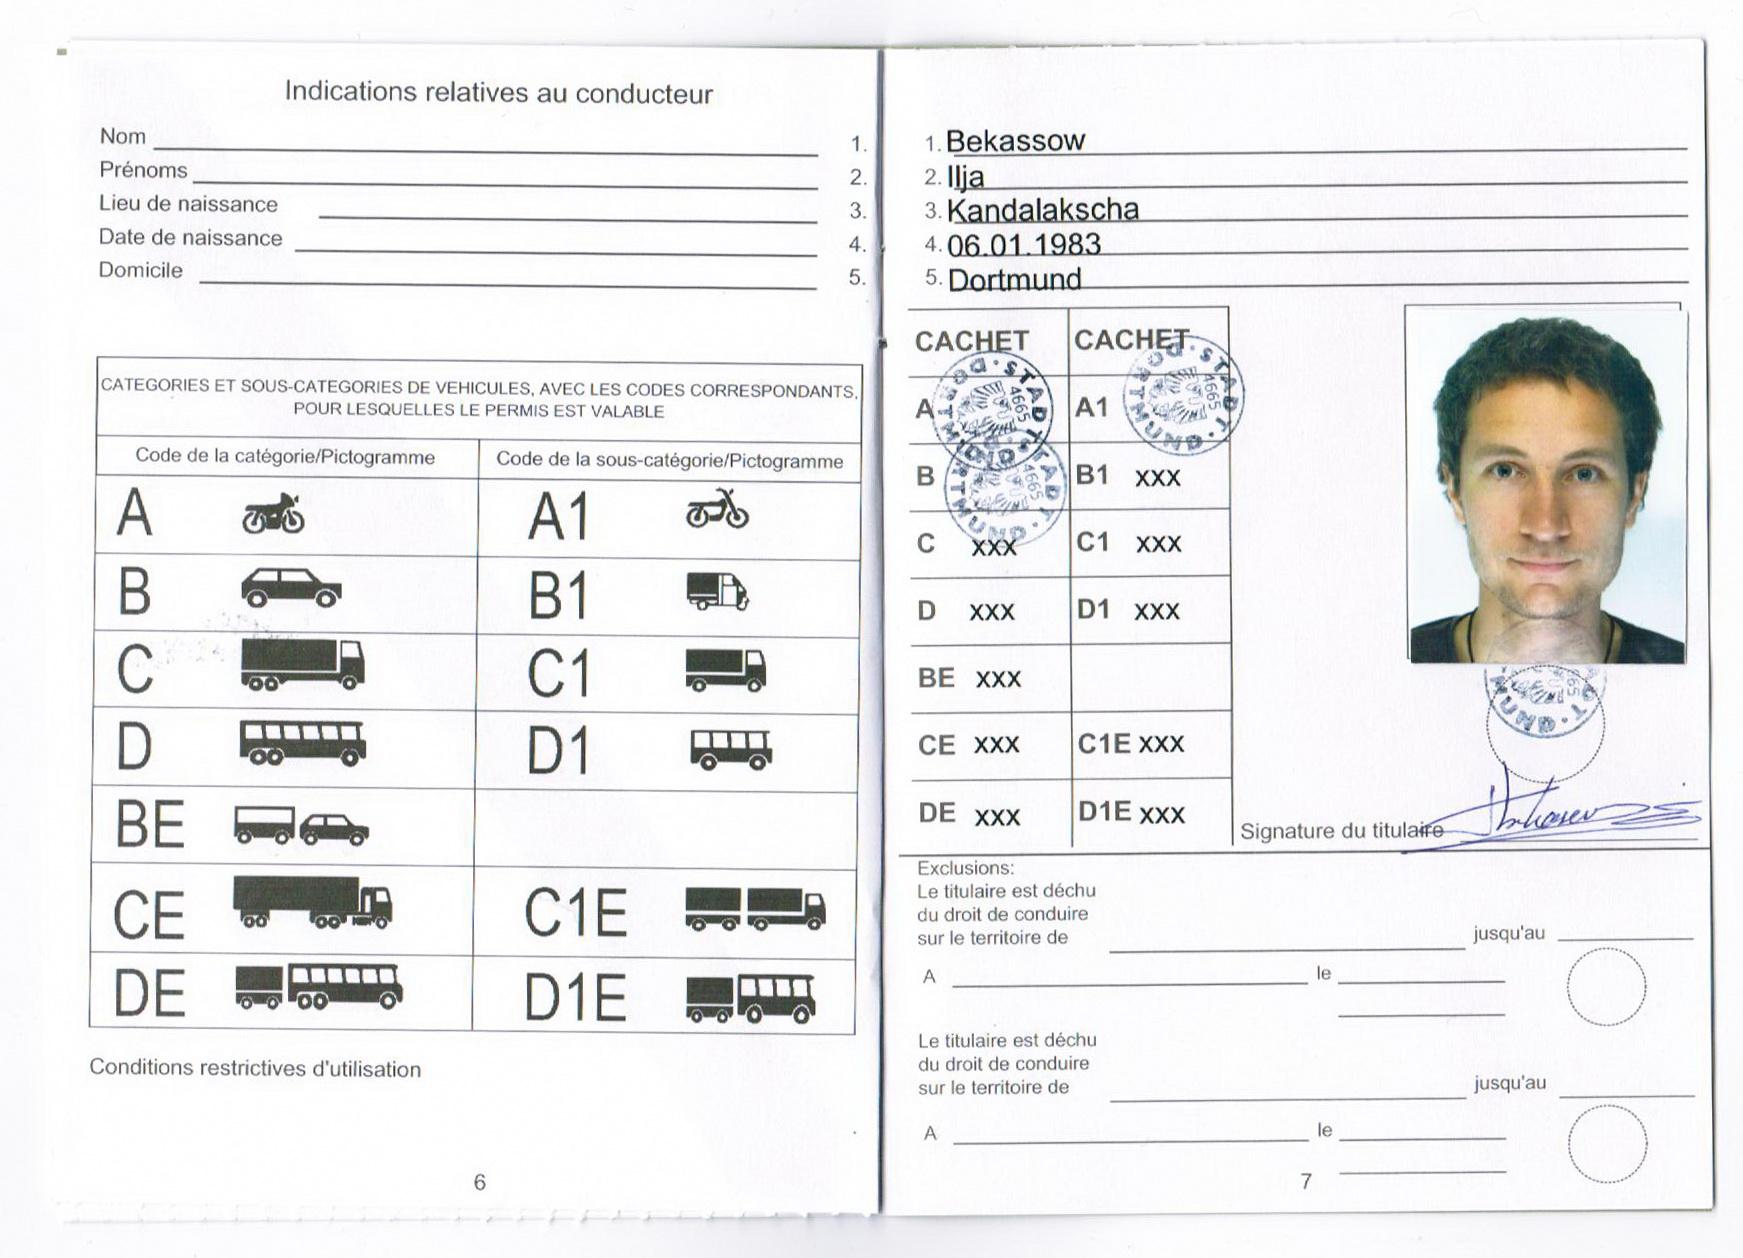 Международное водительское удостоверение фото